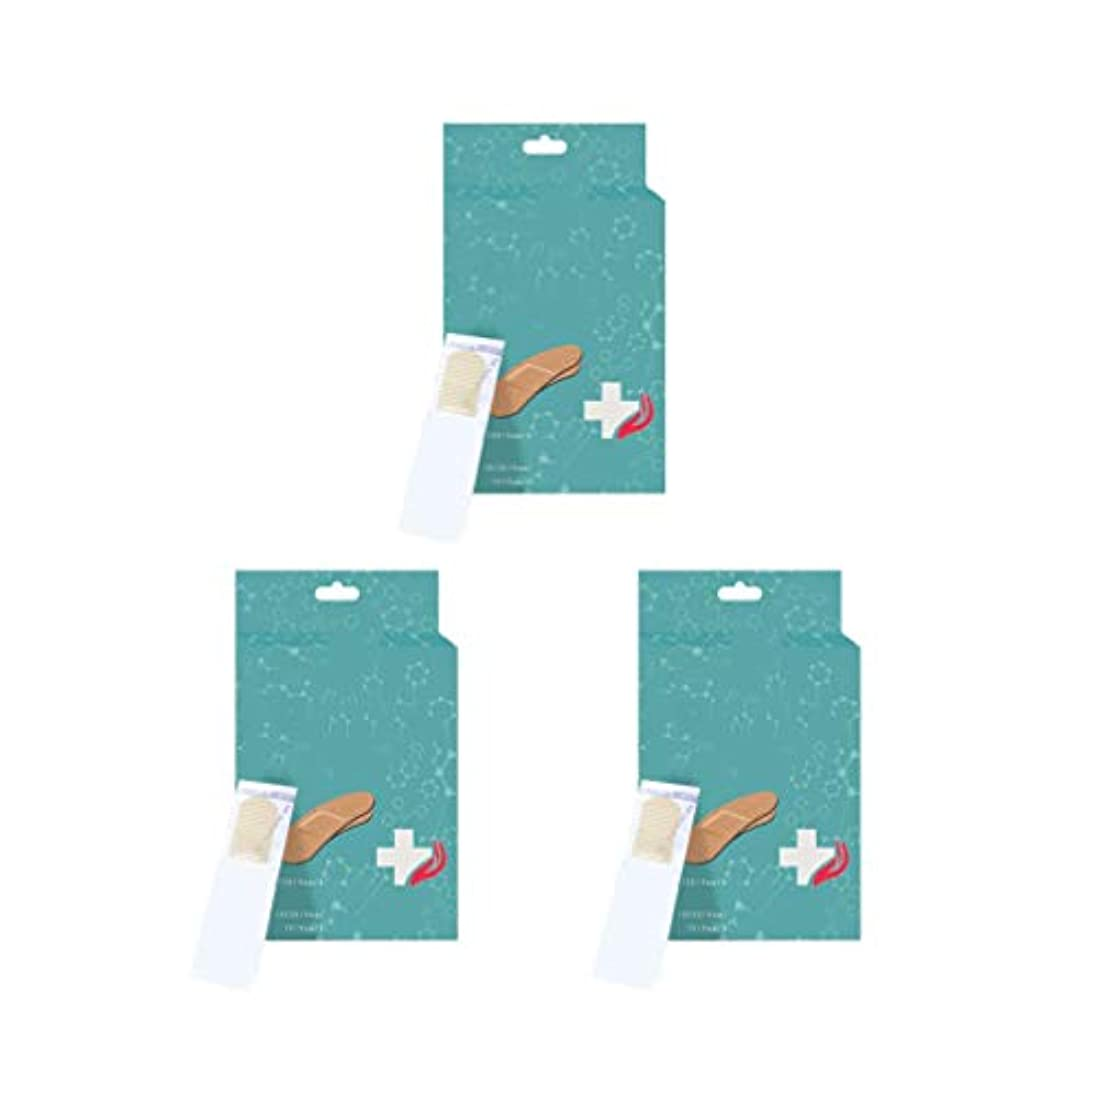 荒涼とした細胞SUPVOX 3箱のバンドエイド防水通気性弾性耐久性のある実用的な創傷パッチバンドエイド家庭用屋外用包帯(顔色)